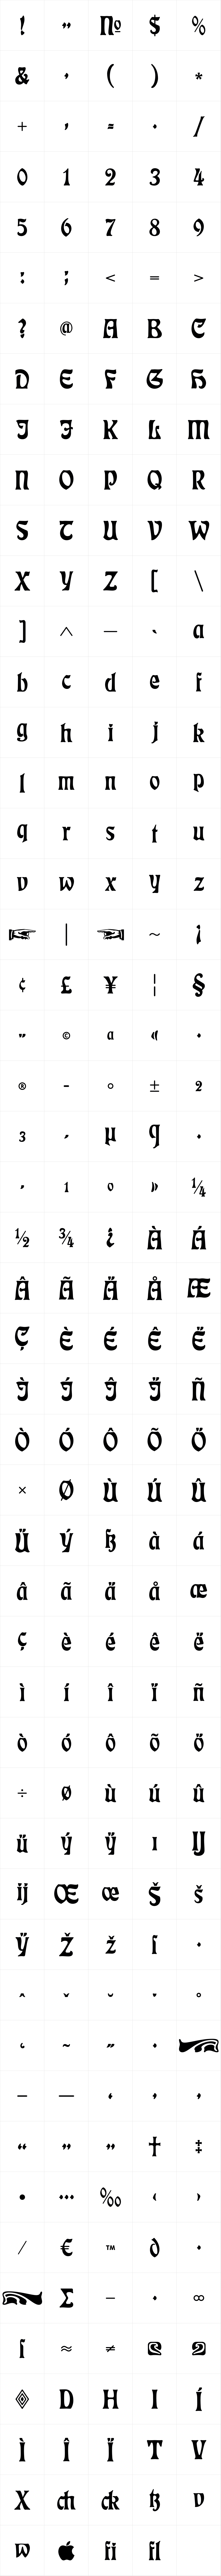 Eckmannschrift RMU Regular